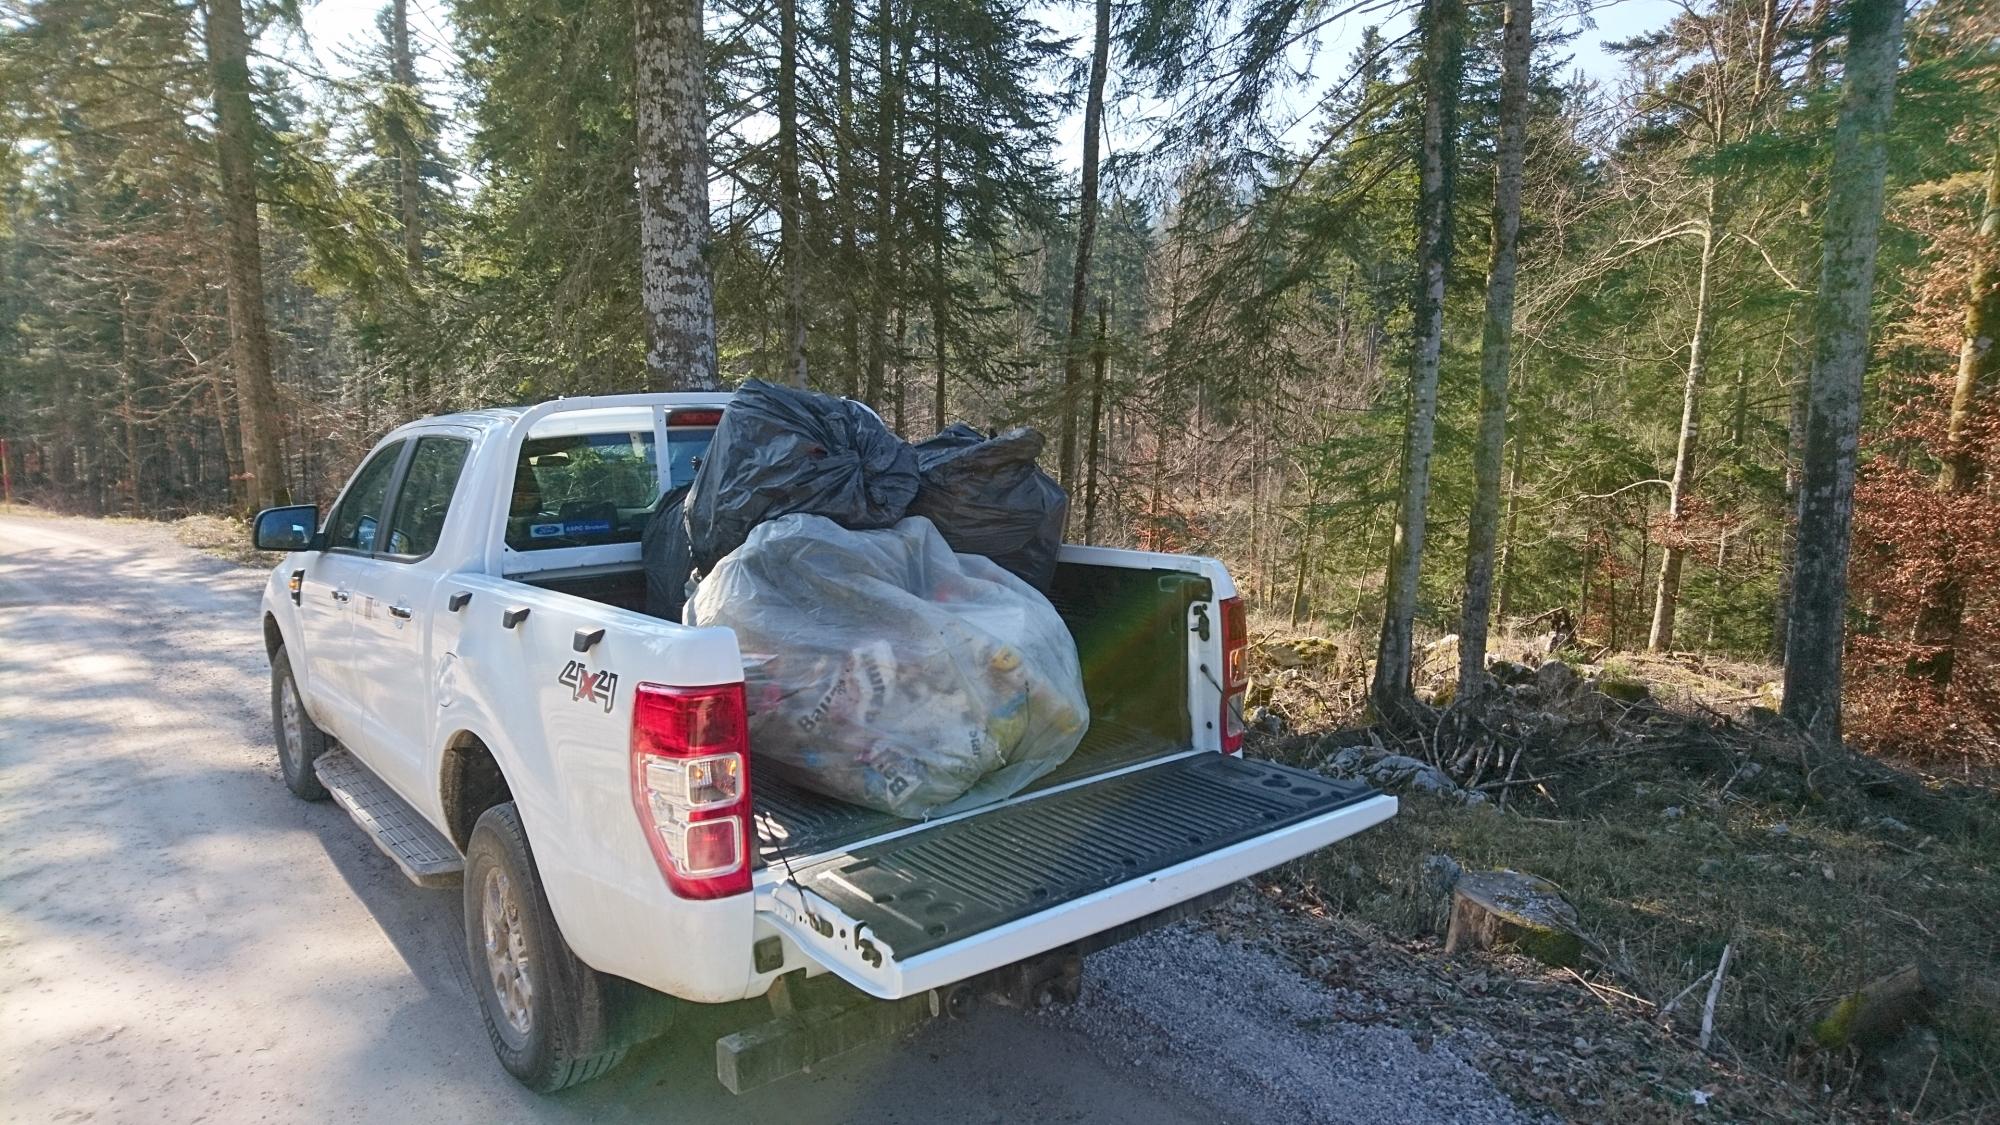 Odpadki malomarneža so bili odpeljani v zbirni center Cerknica